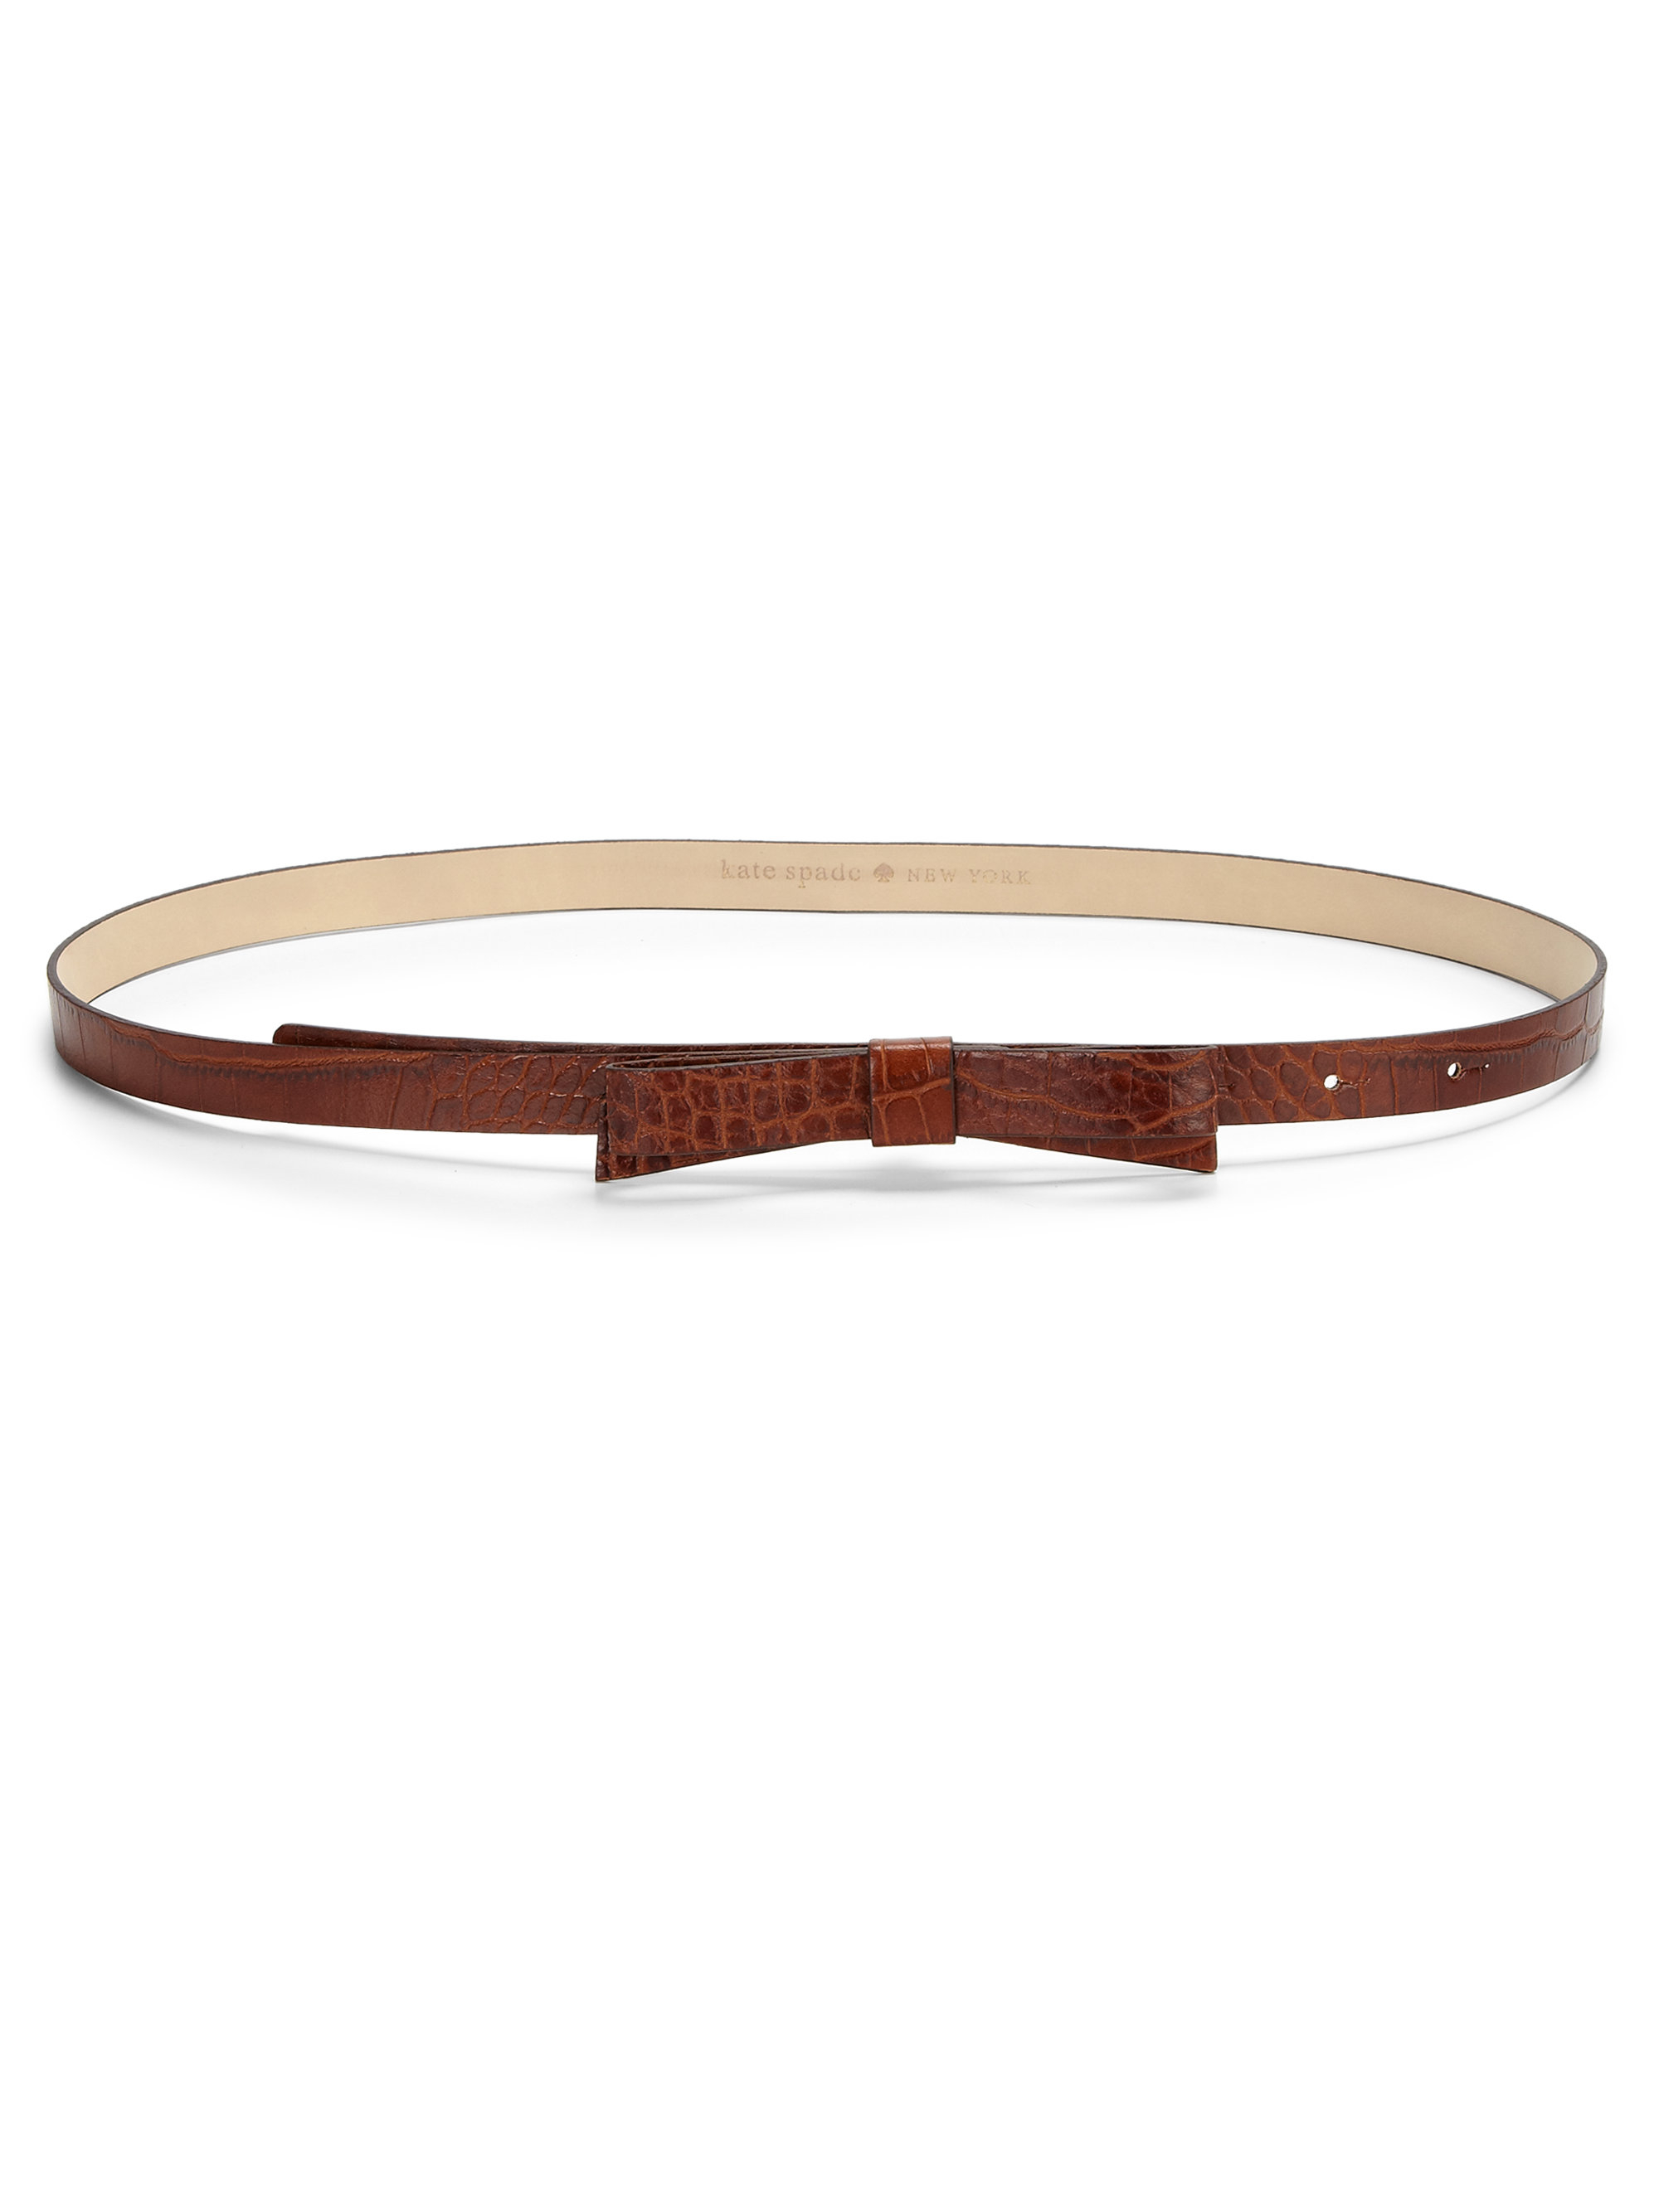 kate spade new york crocembossed bow belt in brown